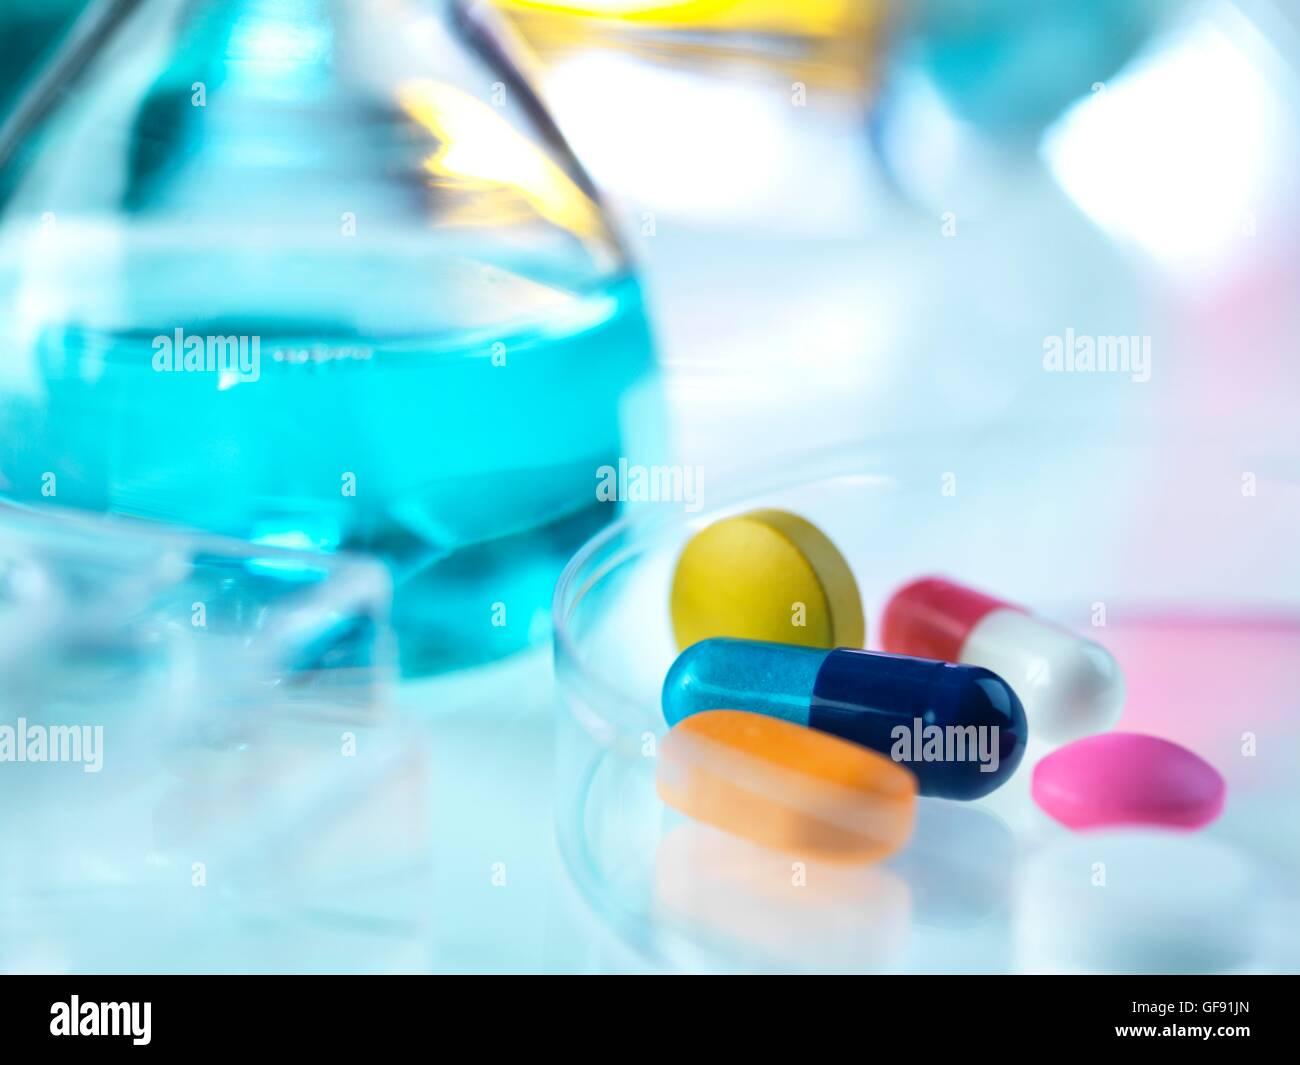 Parution de la propriété. Pharmaceutical Research, conceptual image. Photo Stock